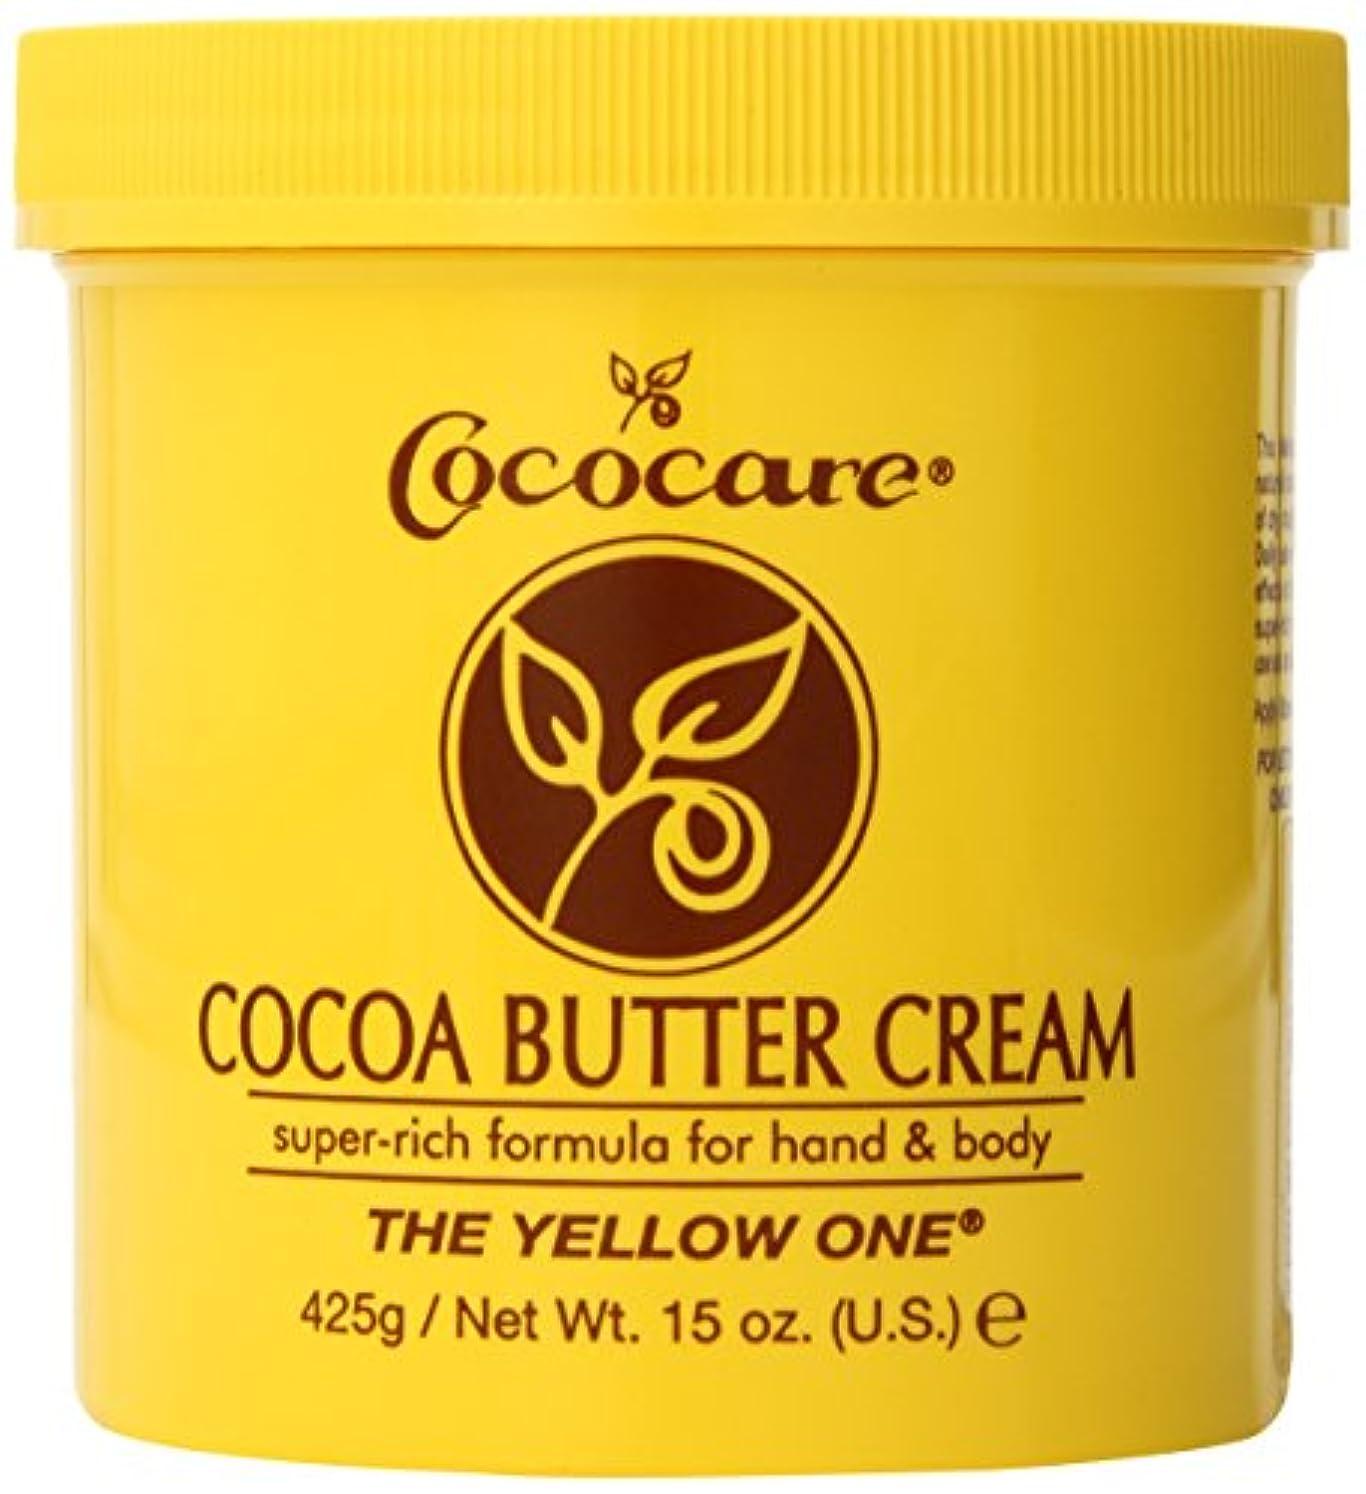 アクセサリーフィラデルフィアシットコムCococare, The Yellow One, Cocoa Butter Cream, 15 oz (425 g)